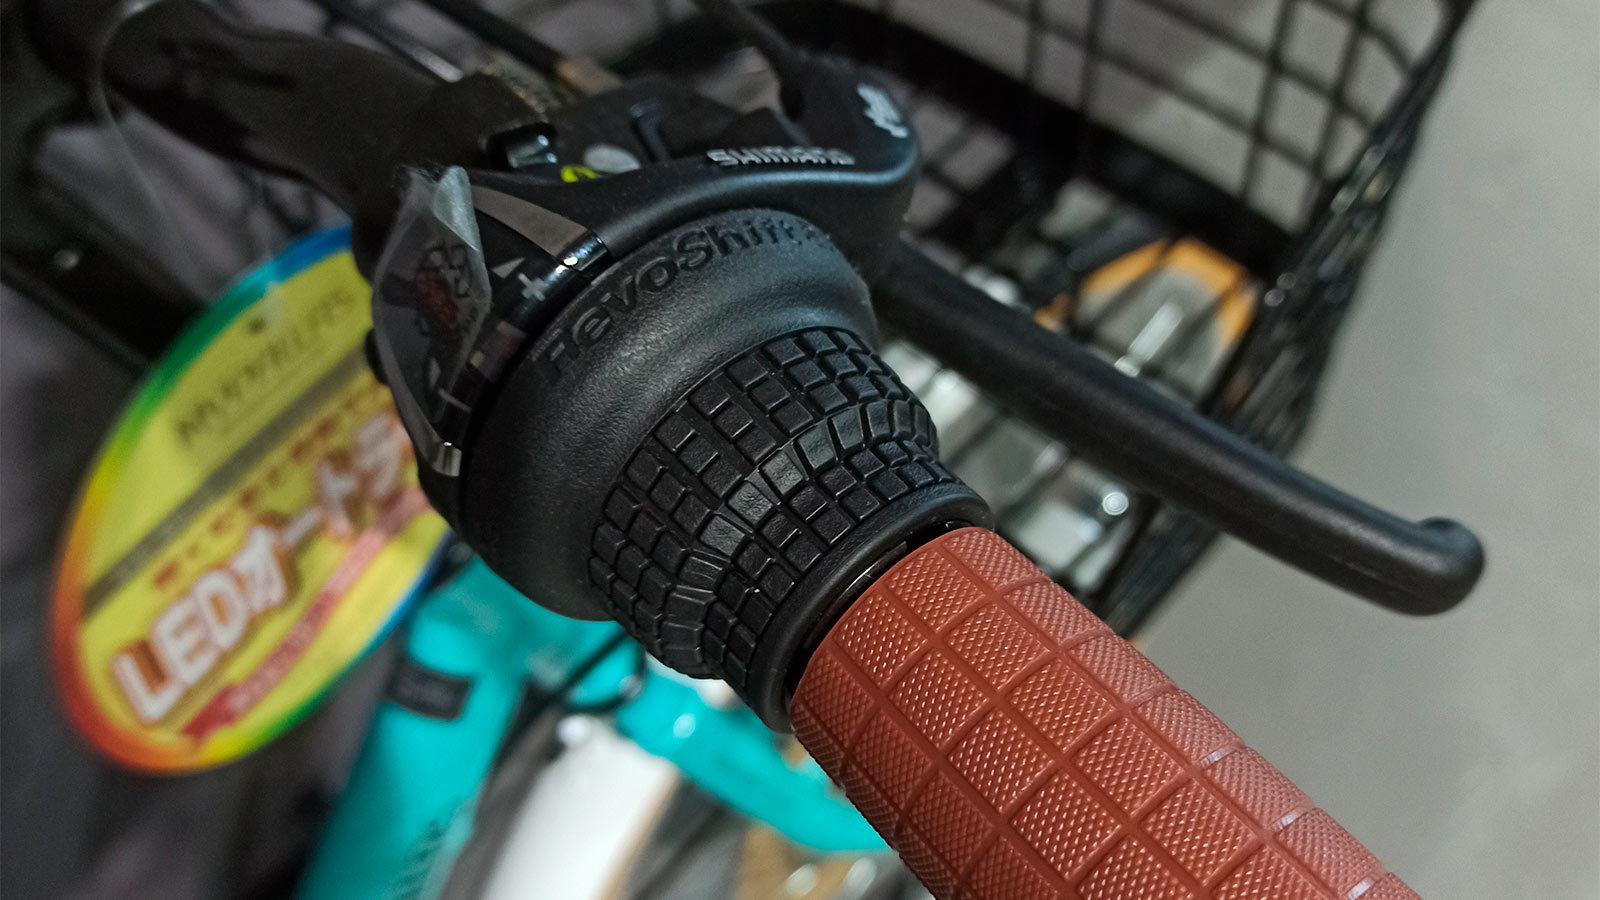 ручка руля и тормоз складного велосипеда